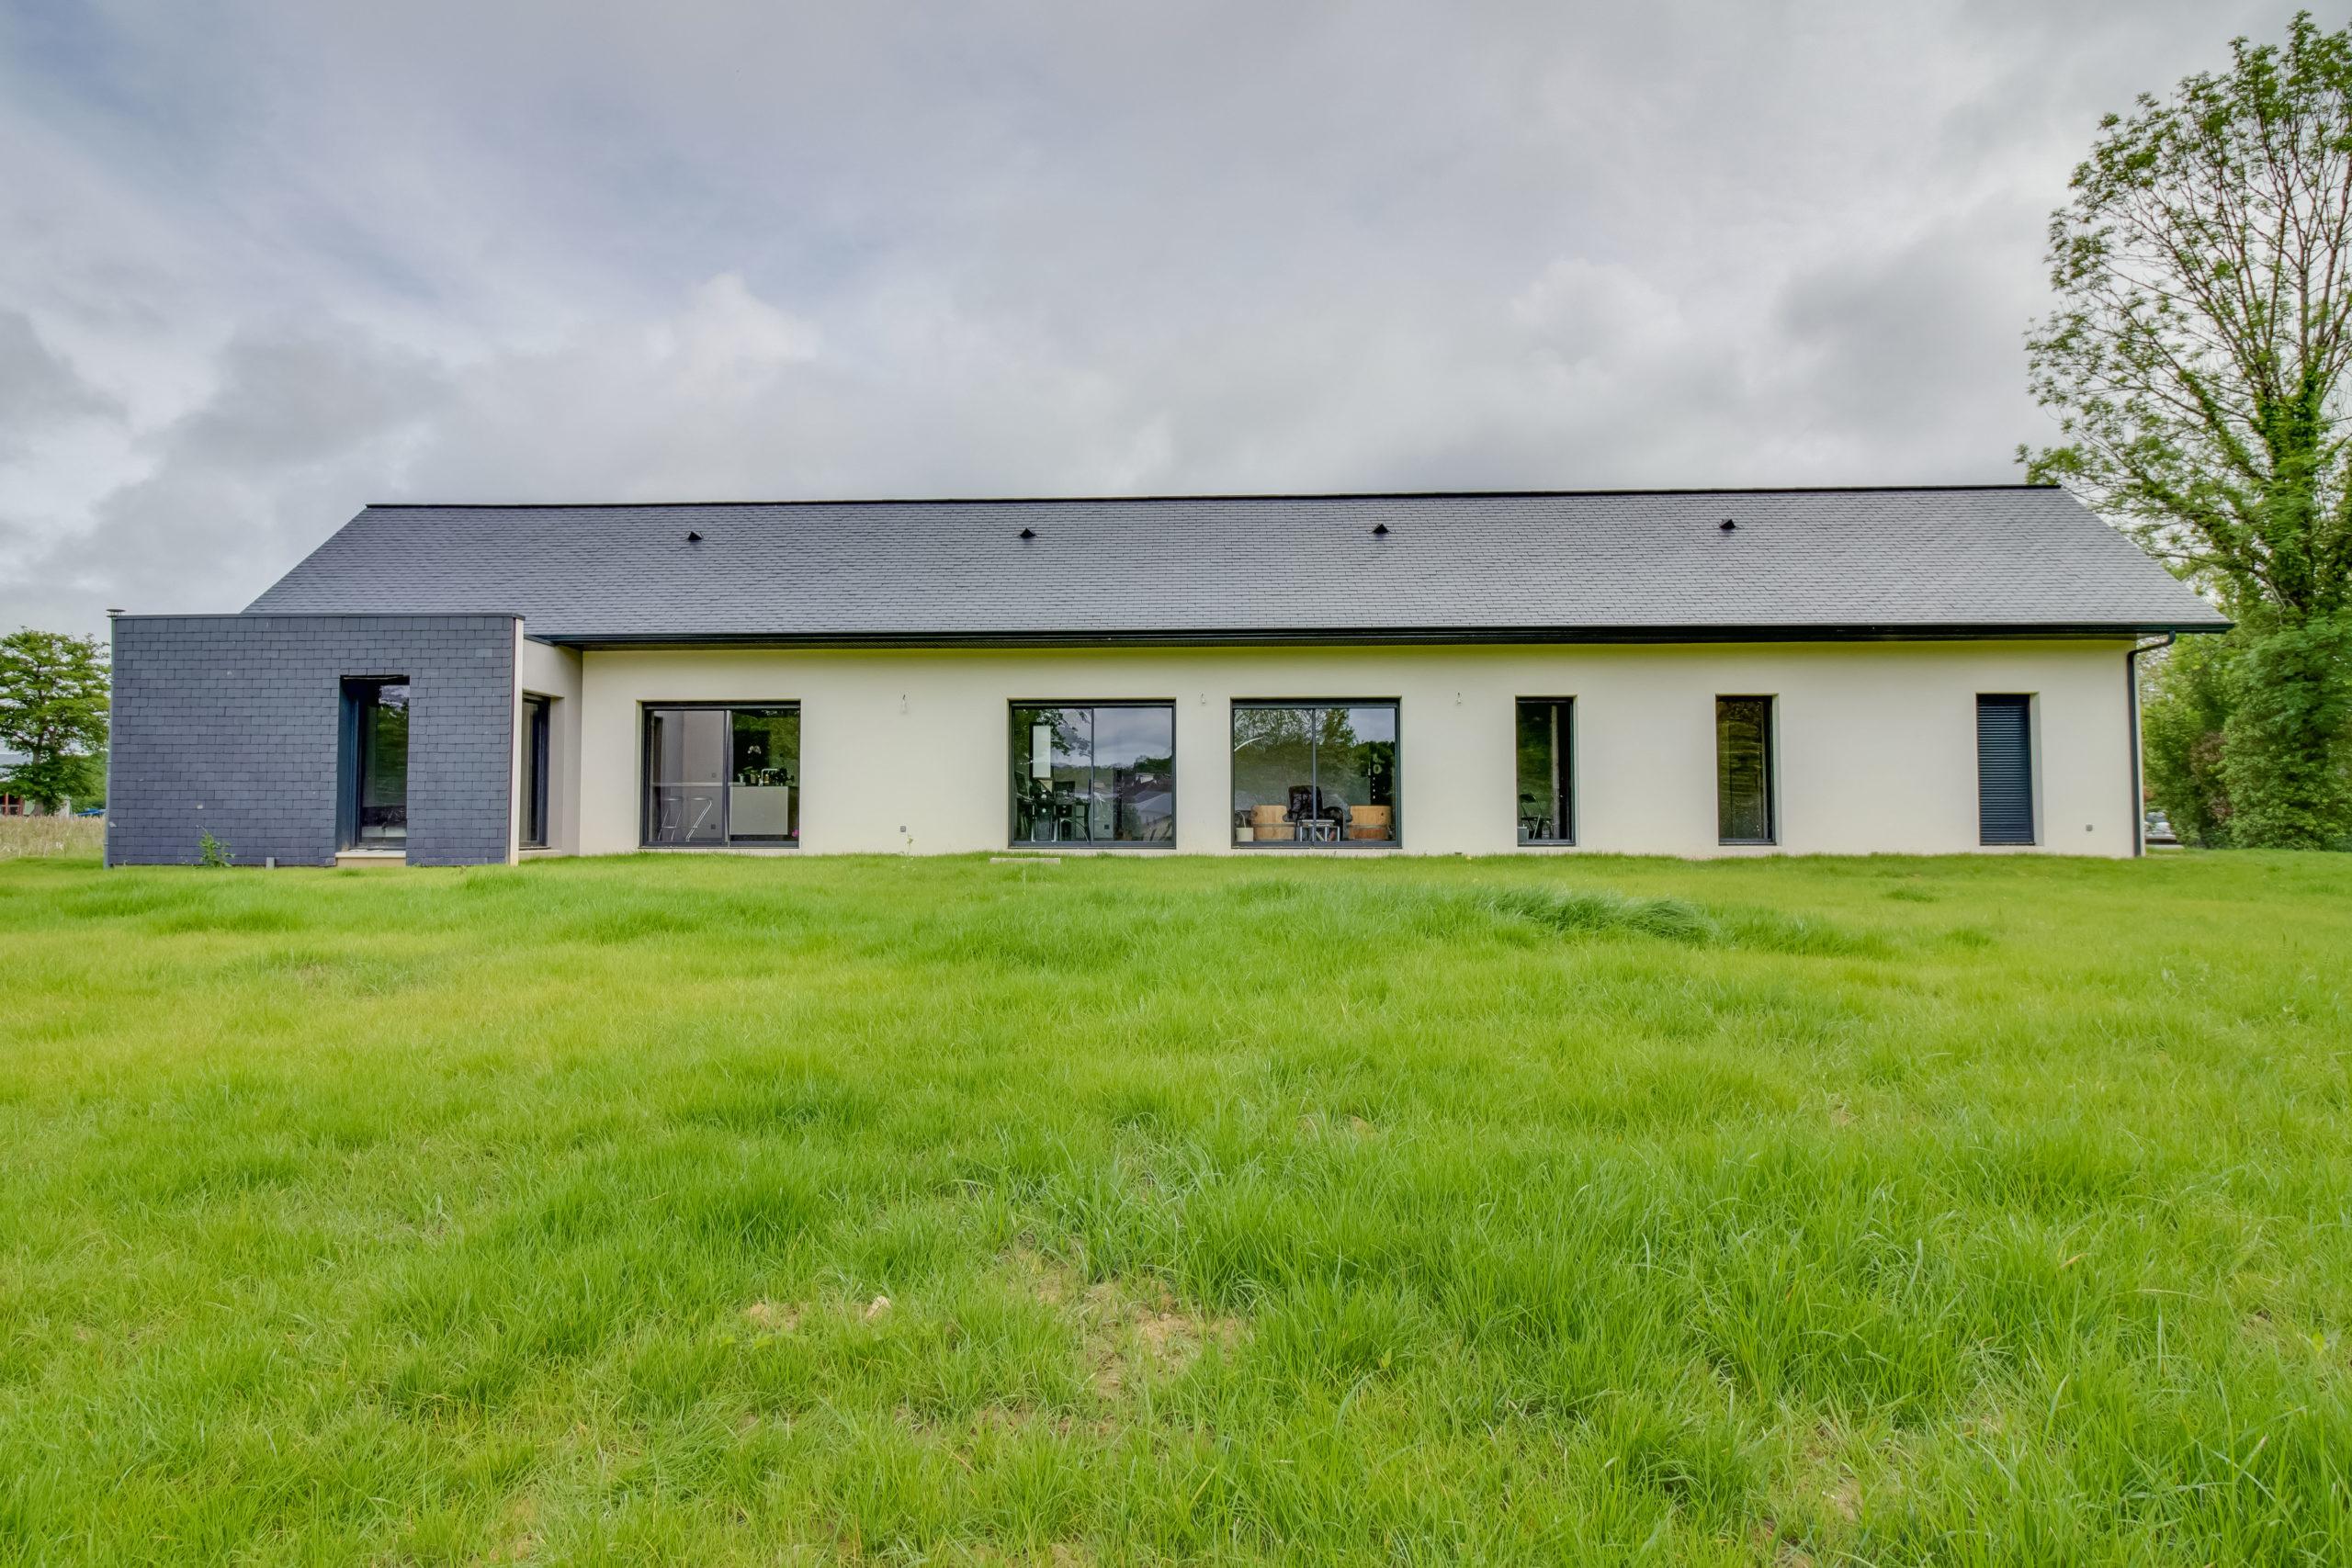 Atelier-Plurielles-architectures-construction-maison-Bearn-jardin